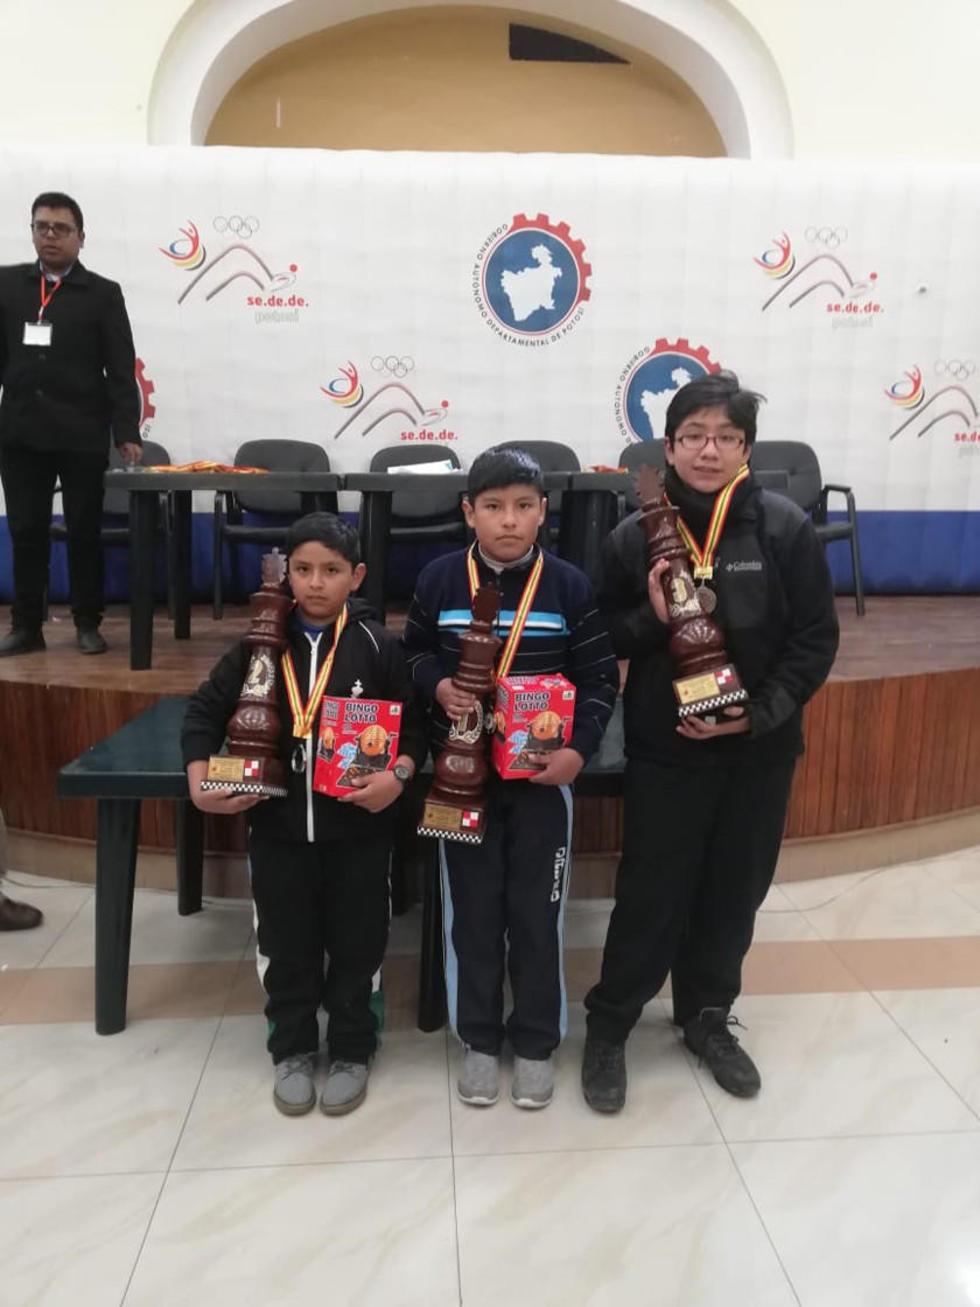 Licael  Ticona, Zahid Ramos y Hanns Silva ganadores de la categoría Absoluto.